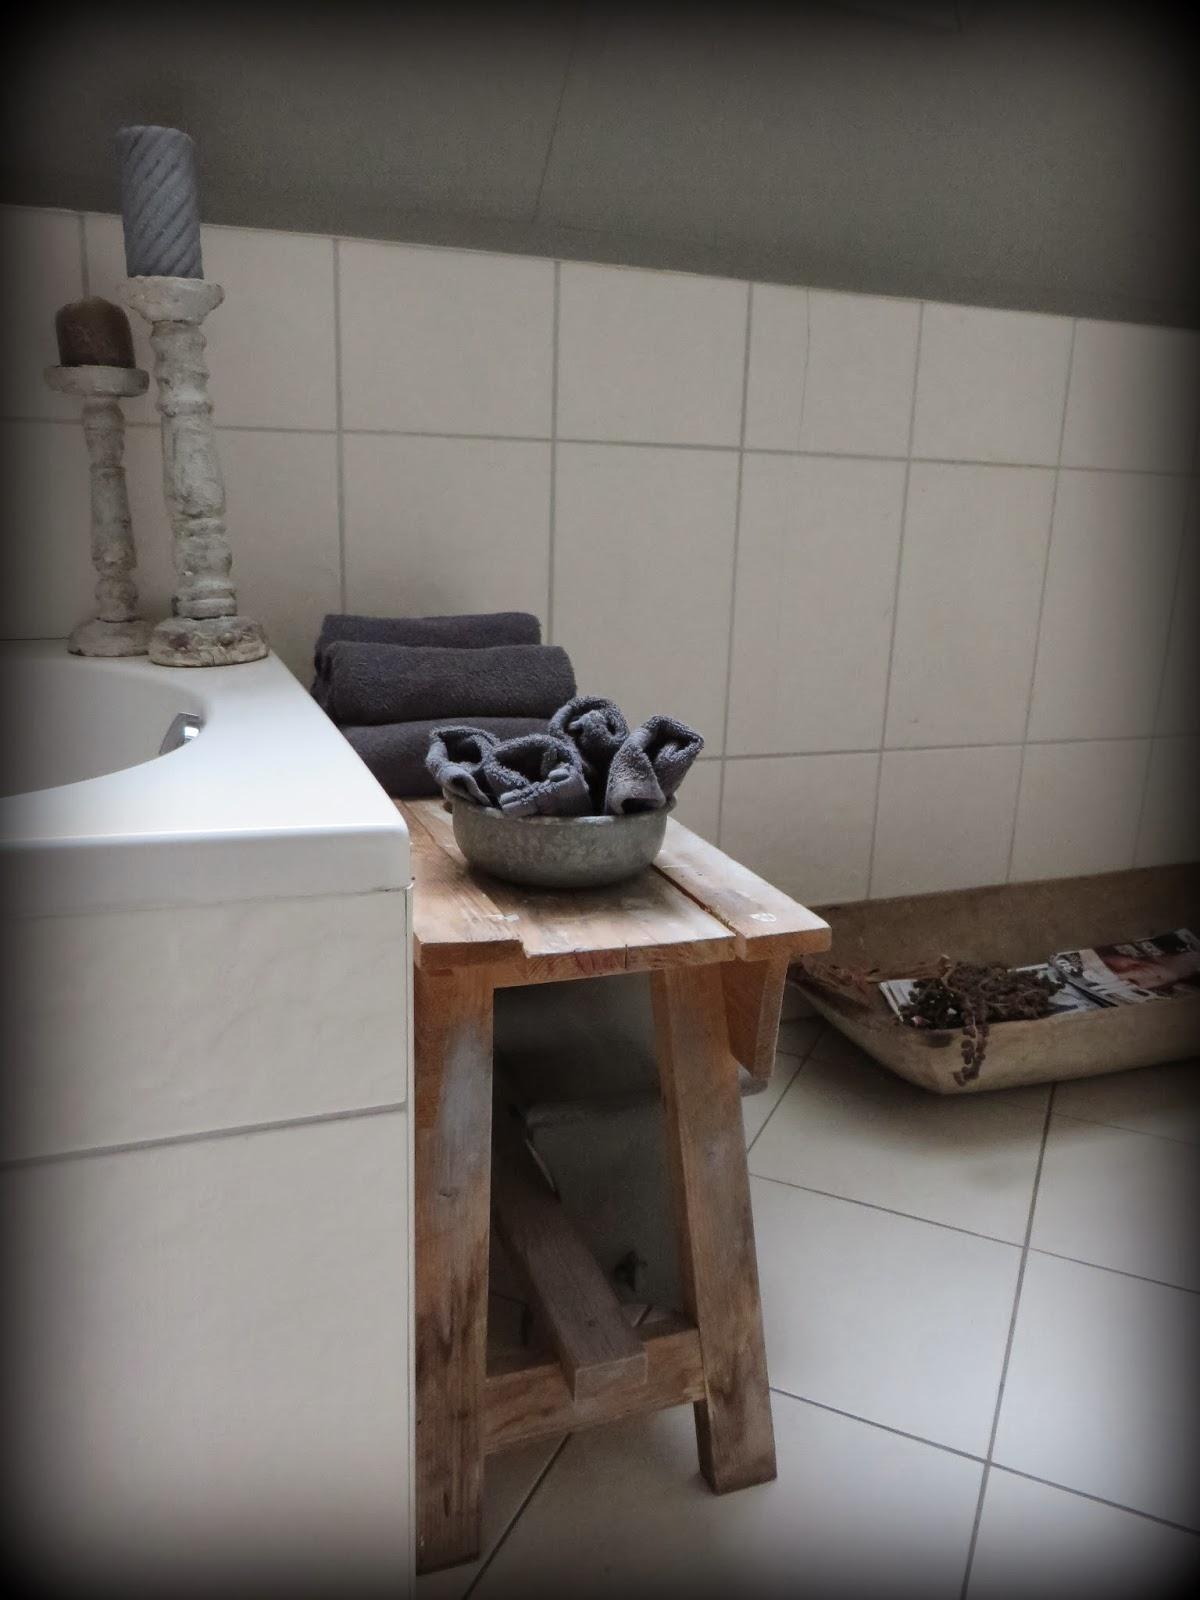 Landelijke badkamer decoratie - Decoratie douche badkamer ...